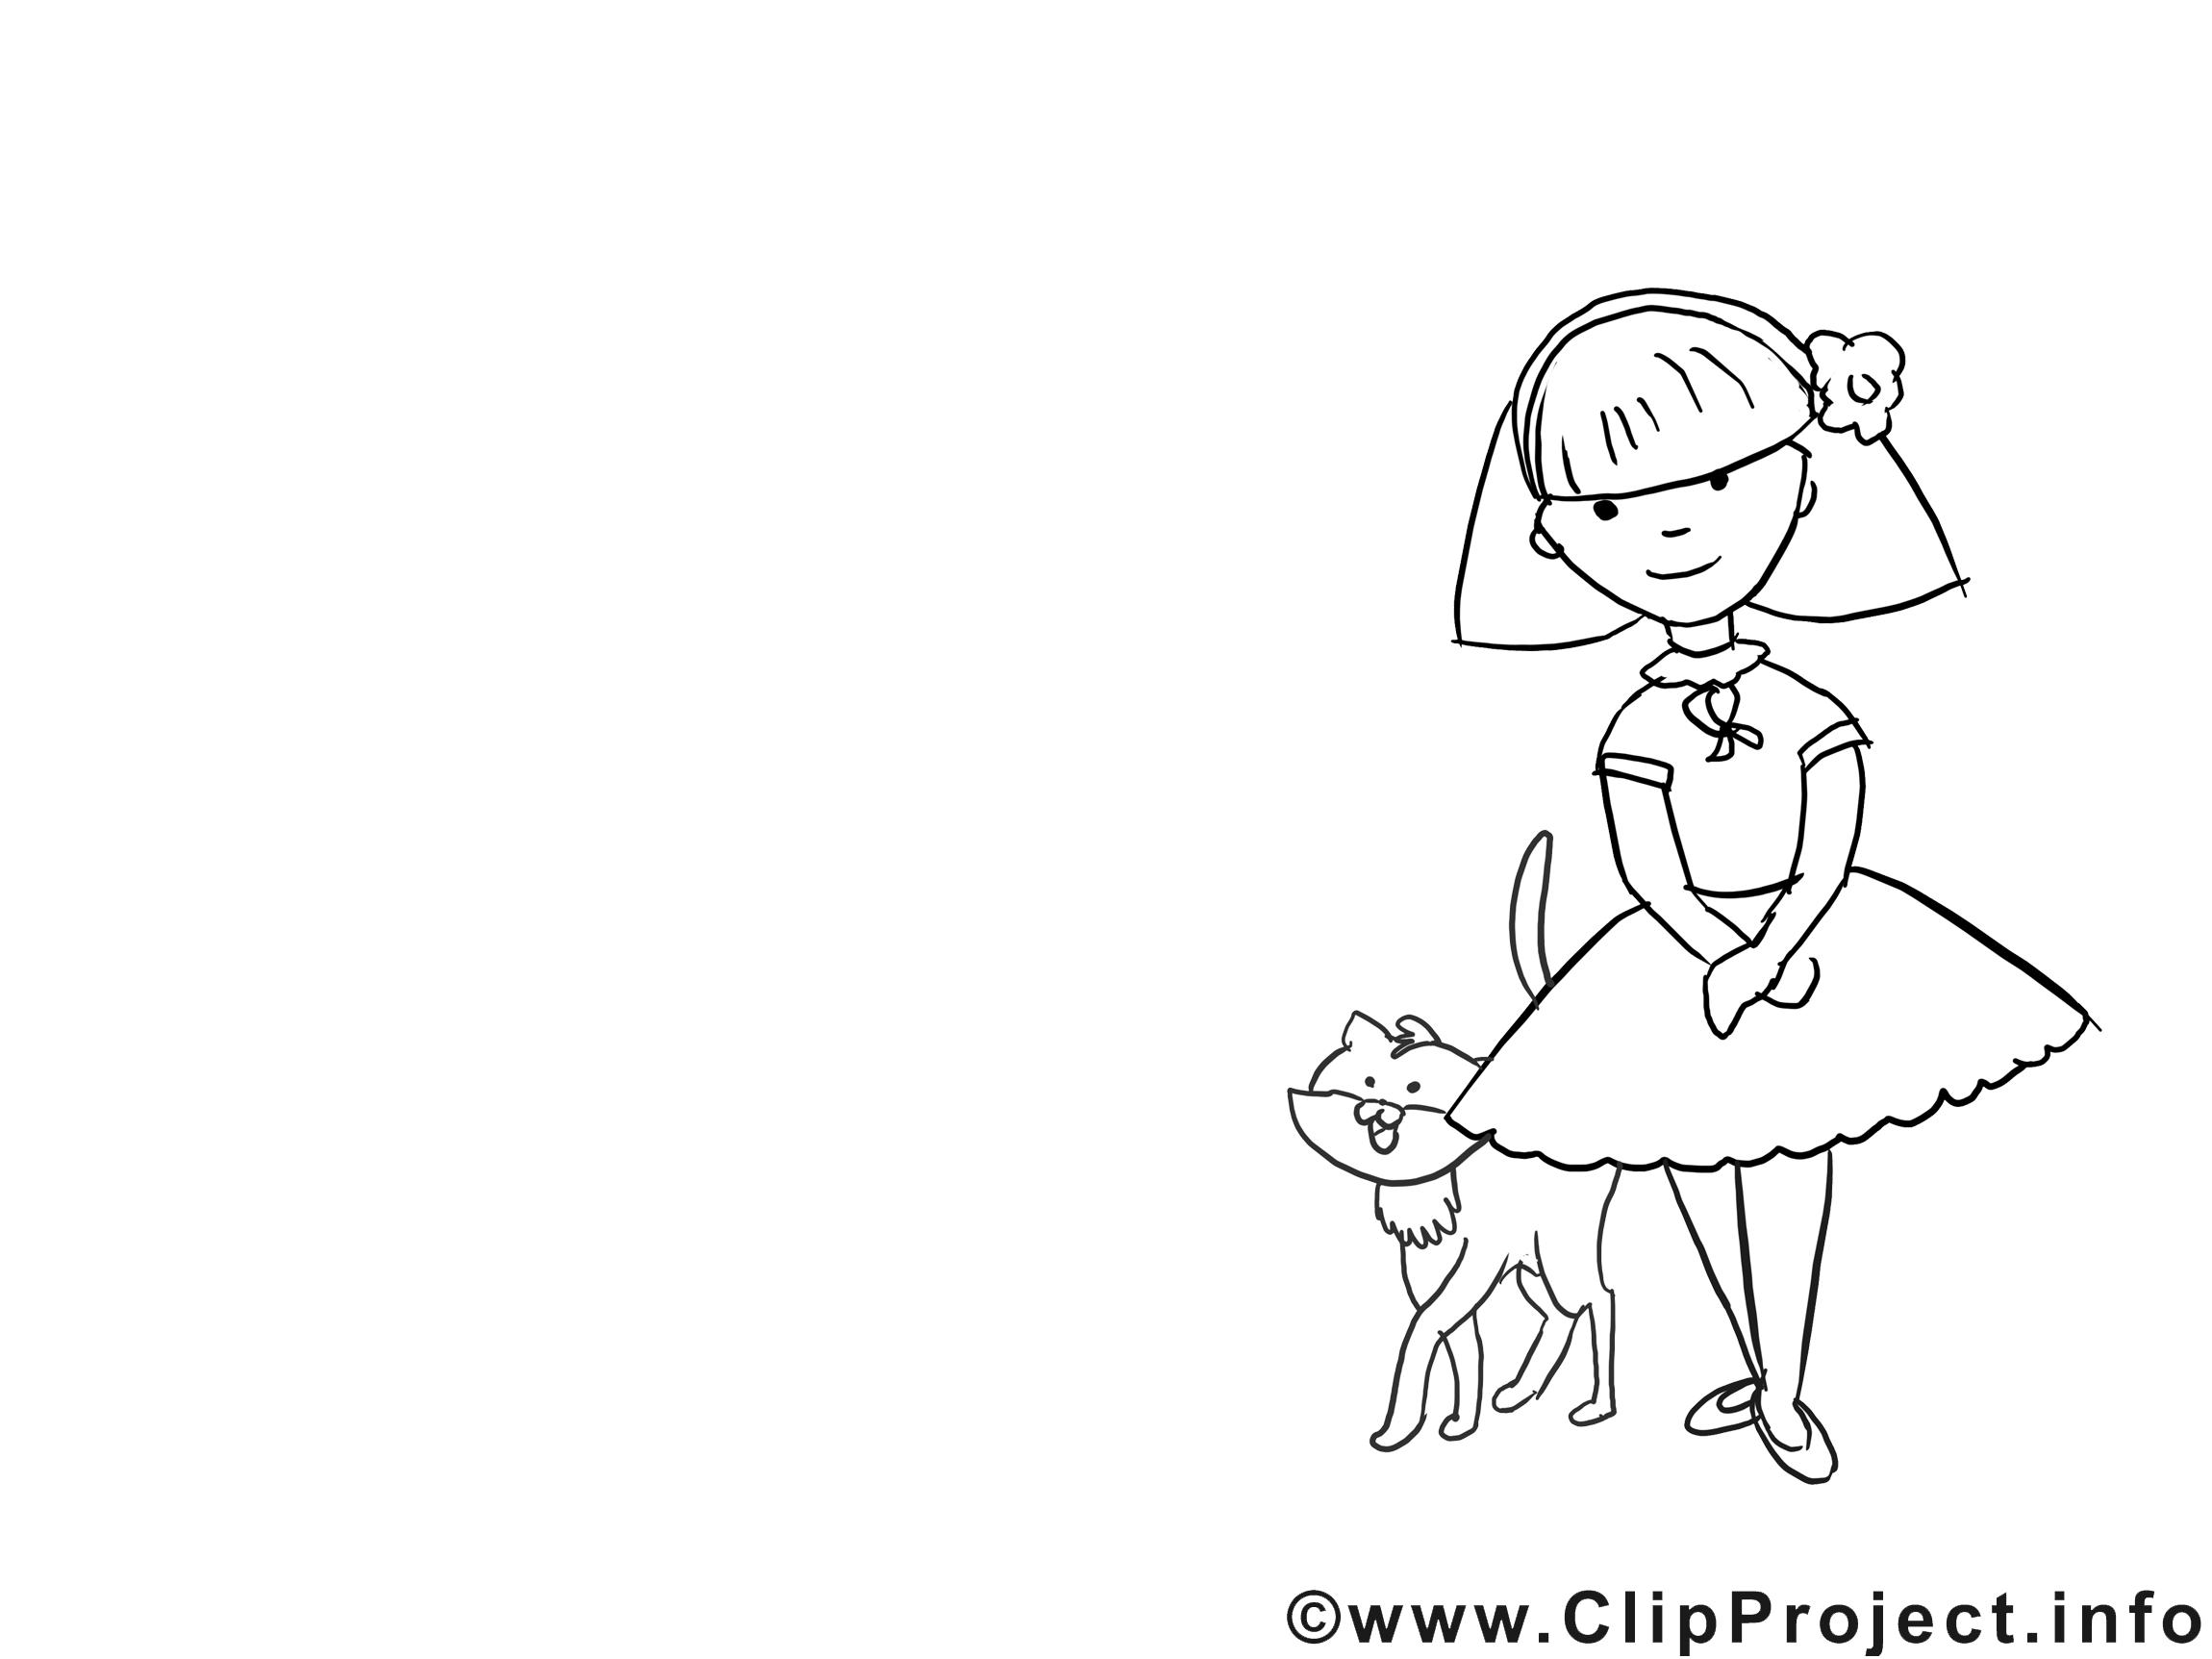 Chat clipart gratuit – Fille à colorier